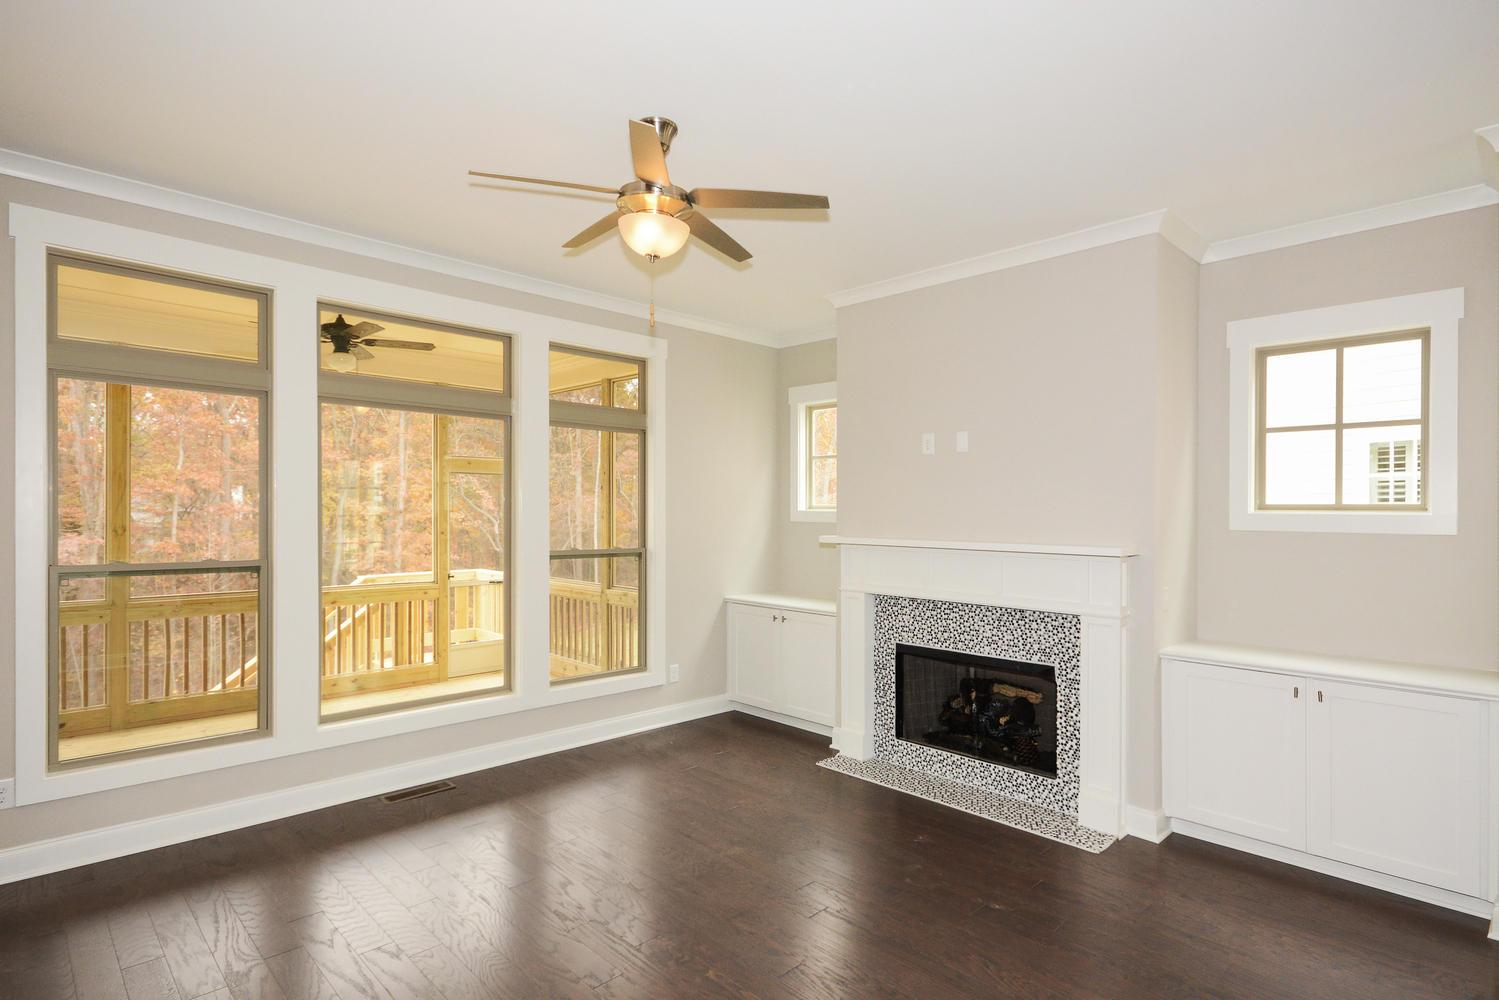 Dunes West Homes For Sale - 2949 Minnow, Mount Pleasant, SC - 21